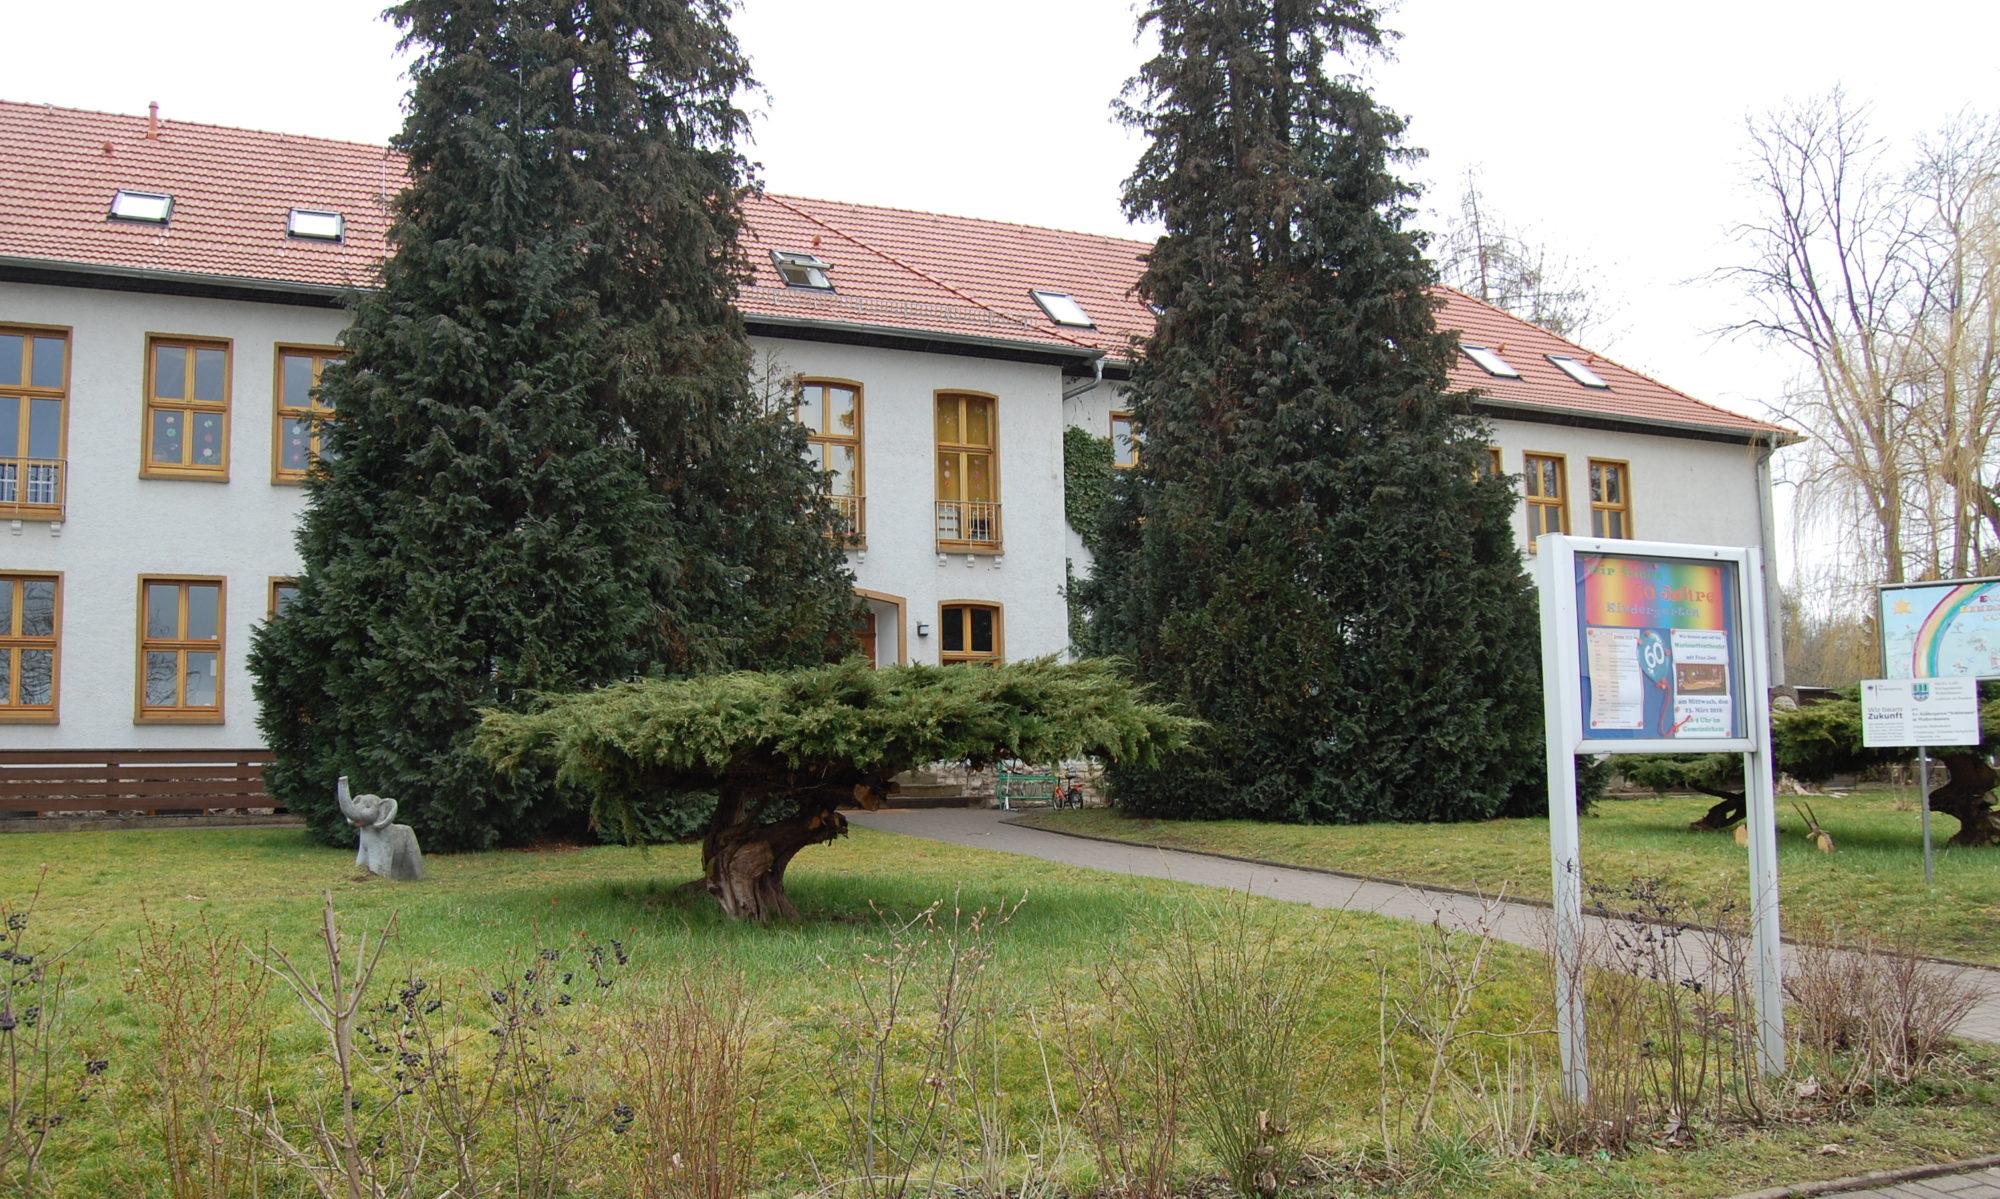 Evangelische Kindertagesstätte Schönrasen